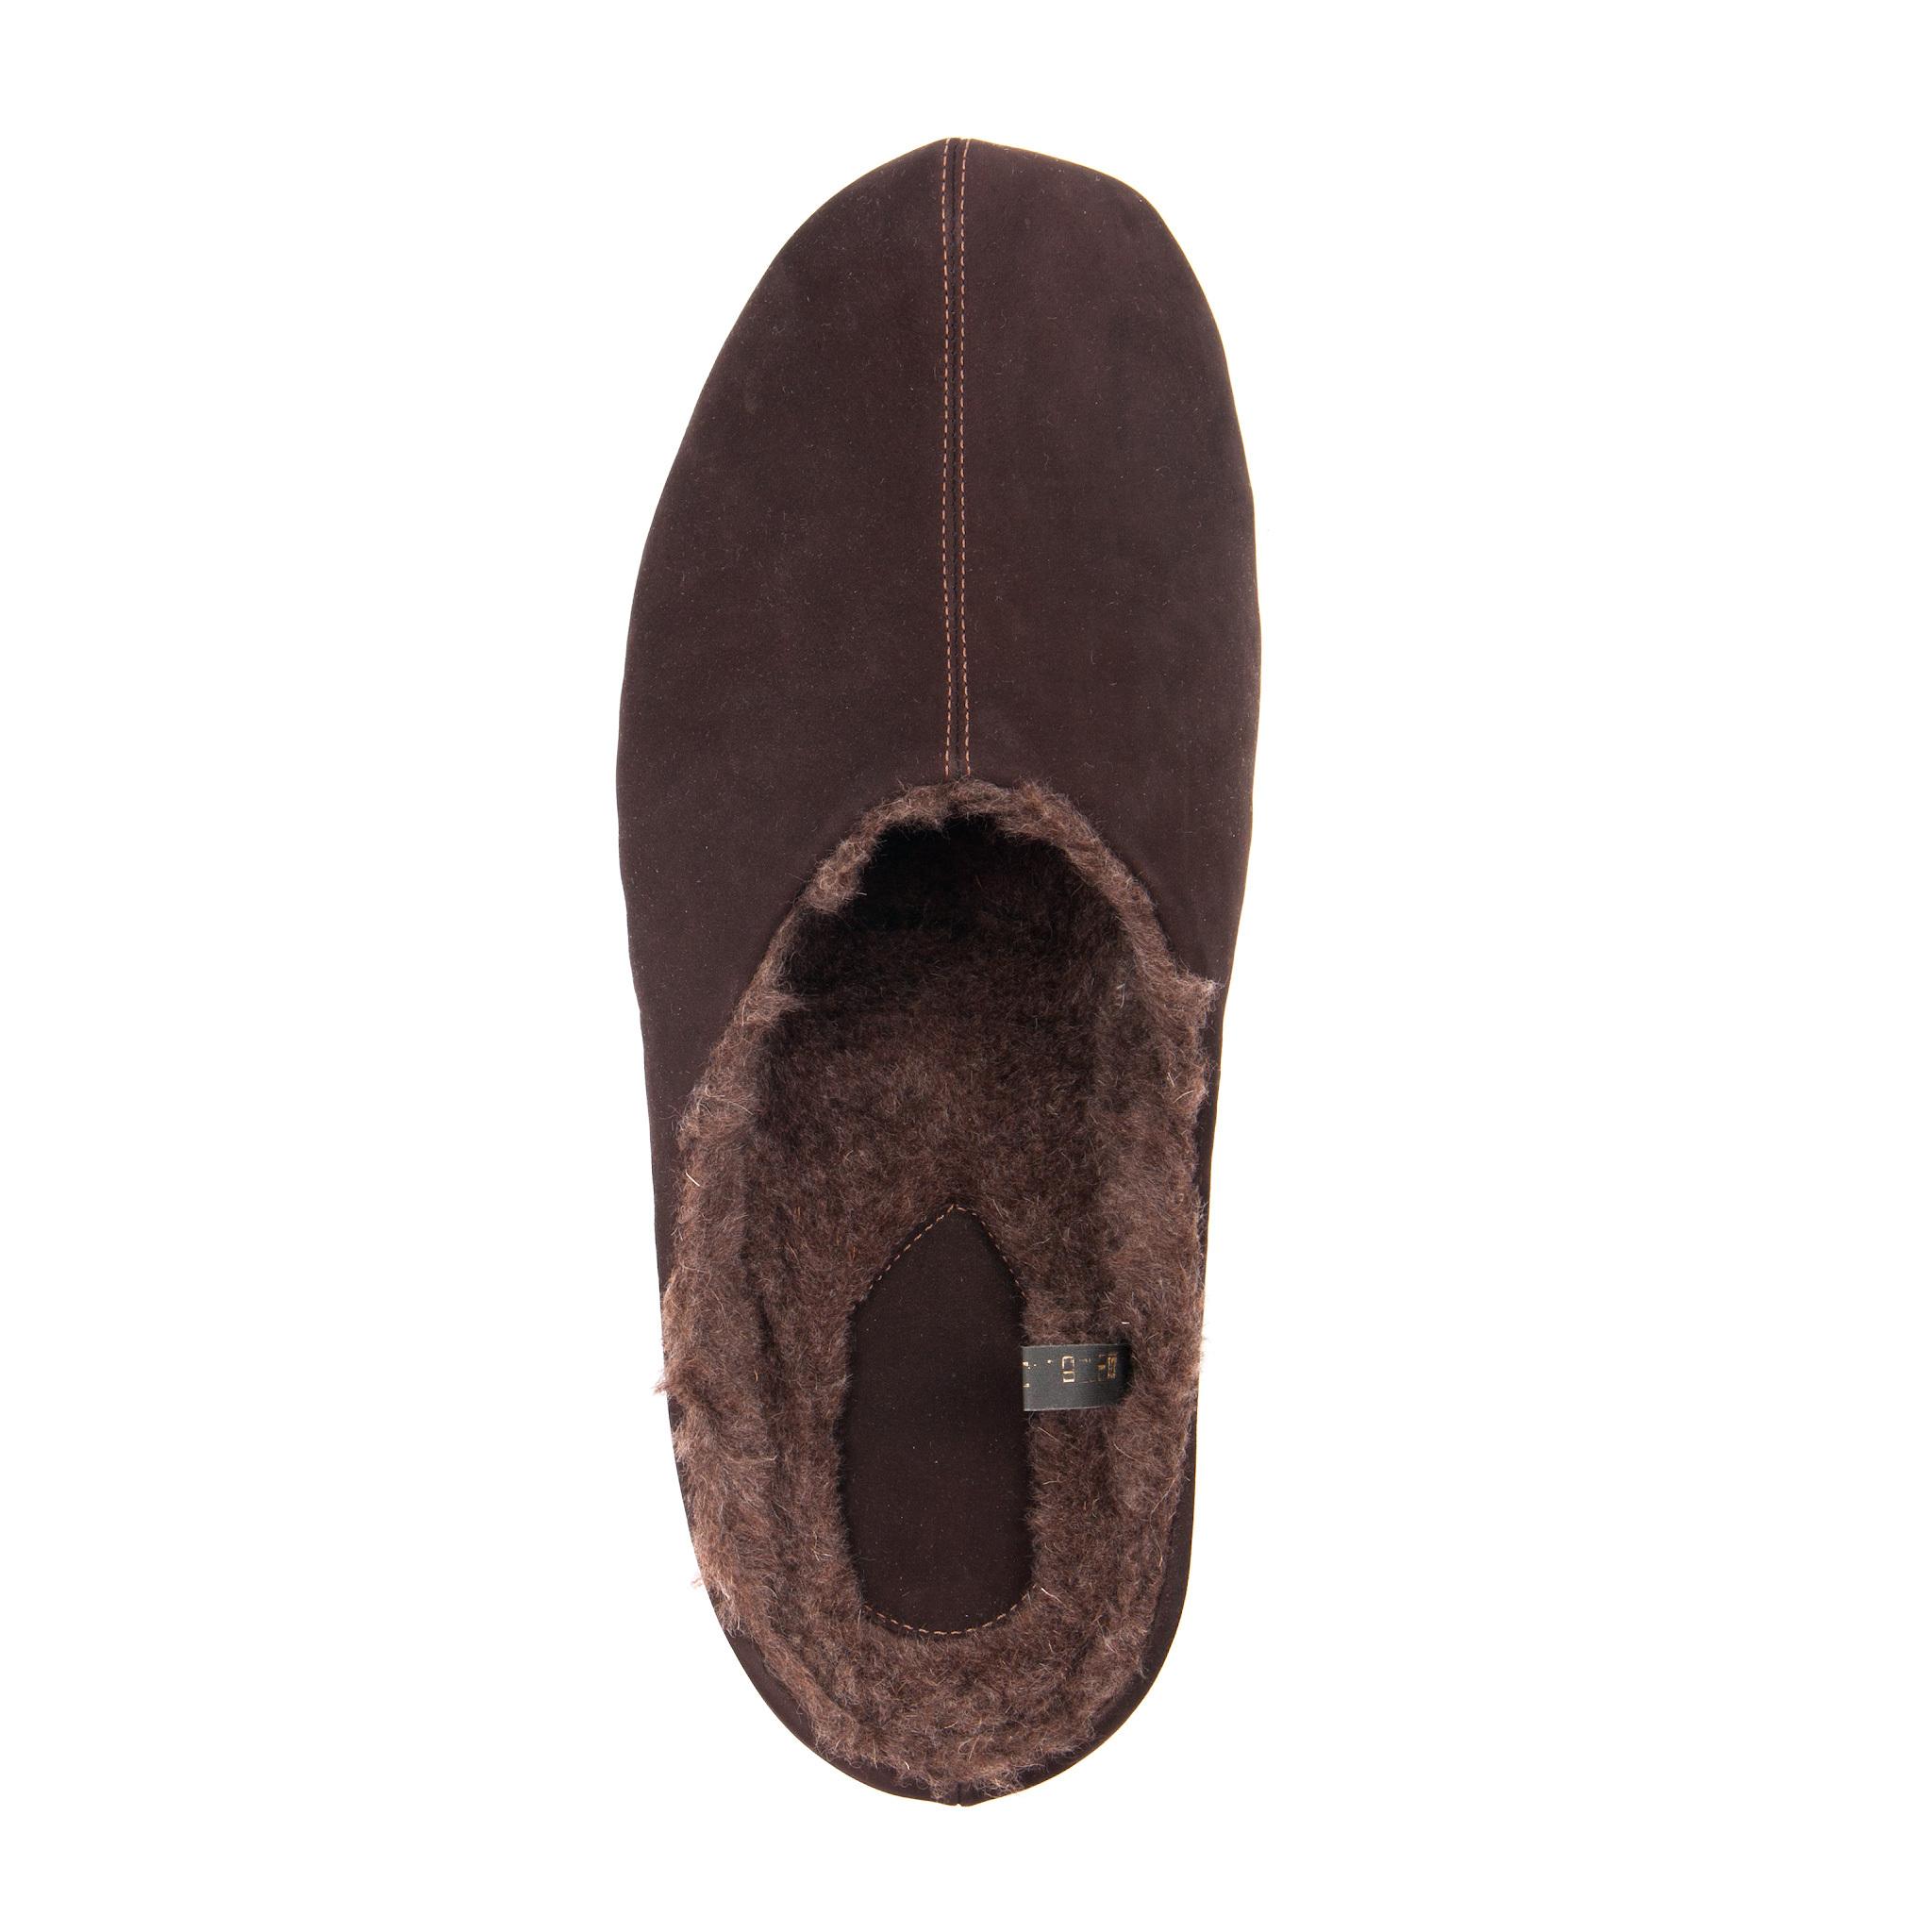 777137 туфли домашние мужские коричневые шерсть больших размеров марки Делфино